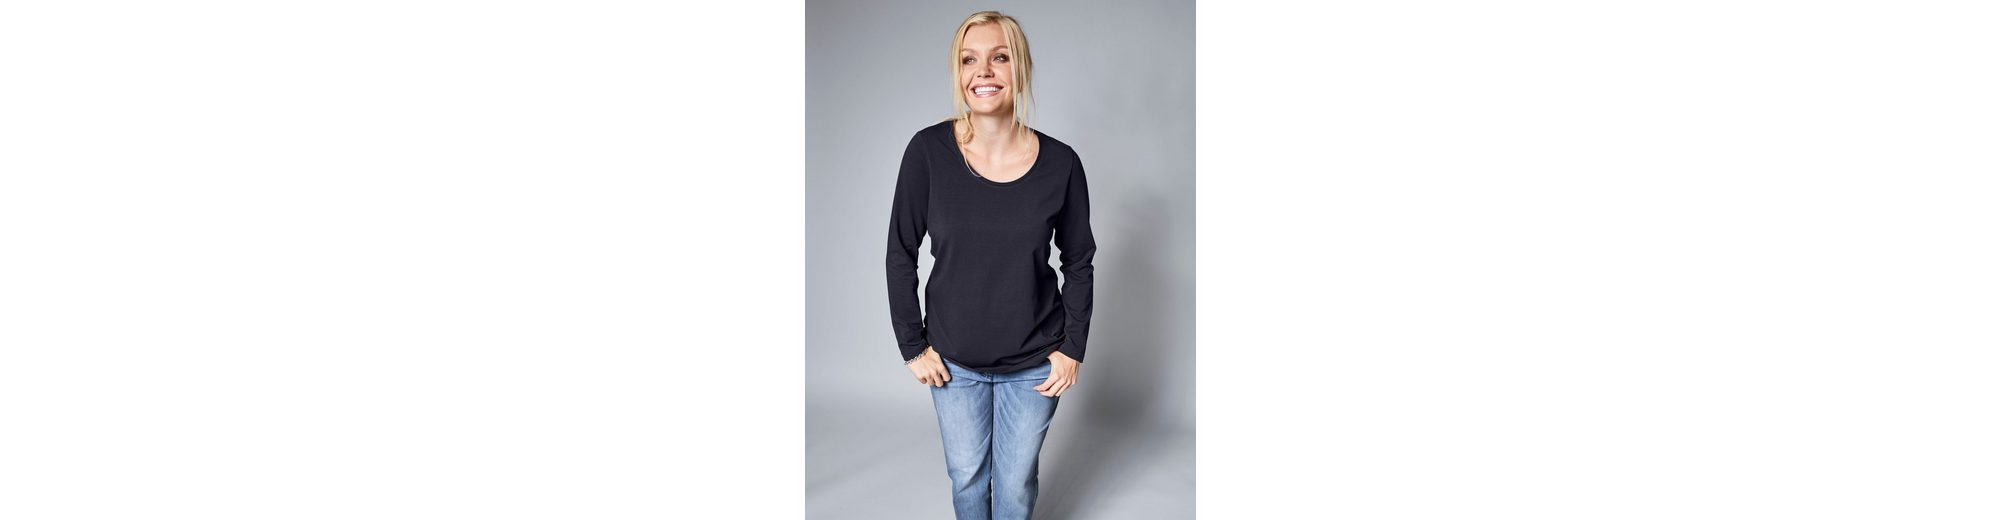 Janet und Joyce by Happy Size Basic Shirt Billig Heißen Verkauf T48IJ53iw